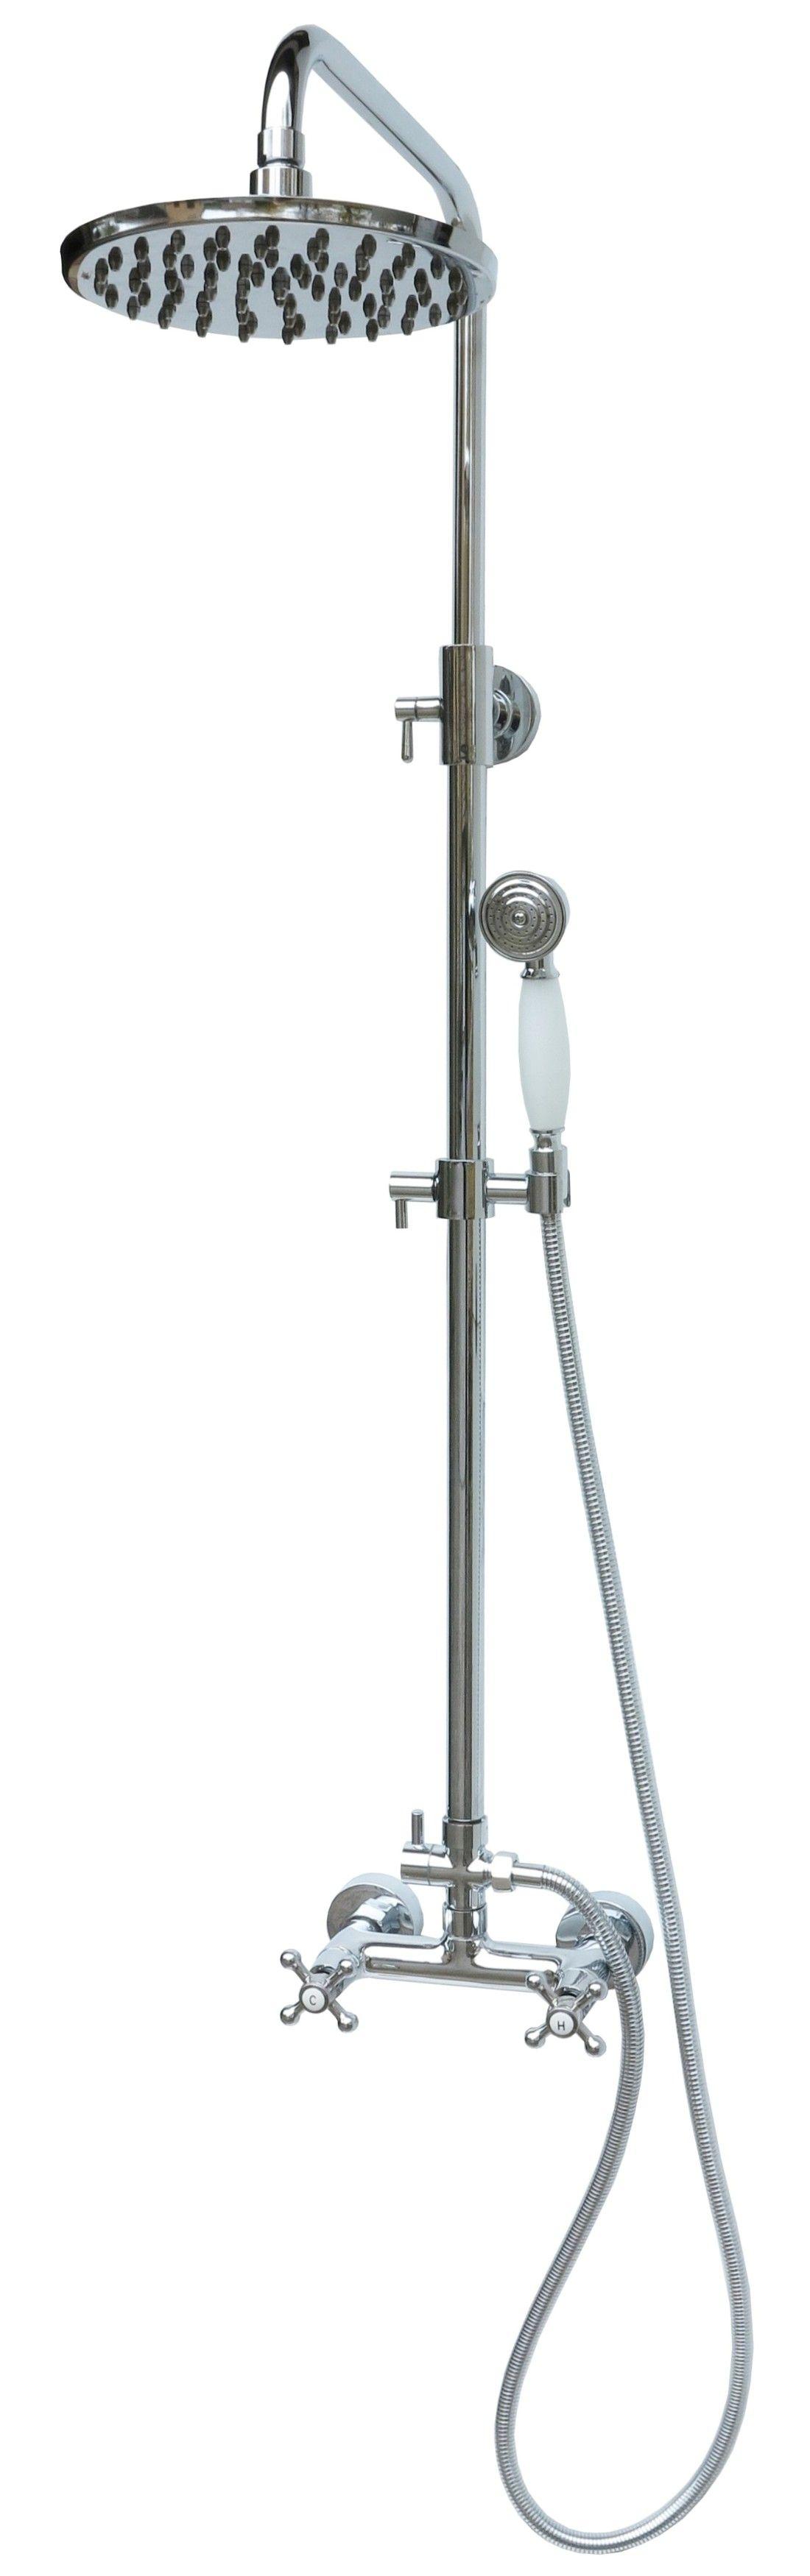 duschset duschsystem duschgarnitur armatur retro nostalgie dusche brause chrom ebay. Black Bedroom Furniture Sets. Home Design Ideas